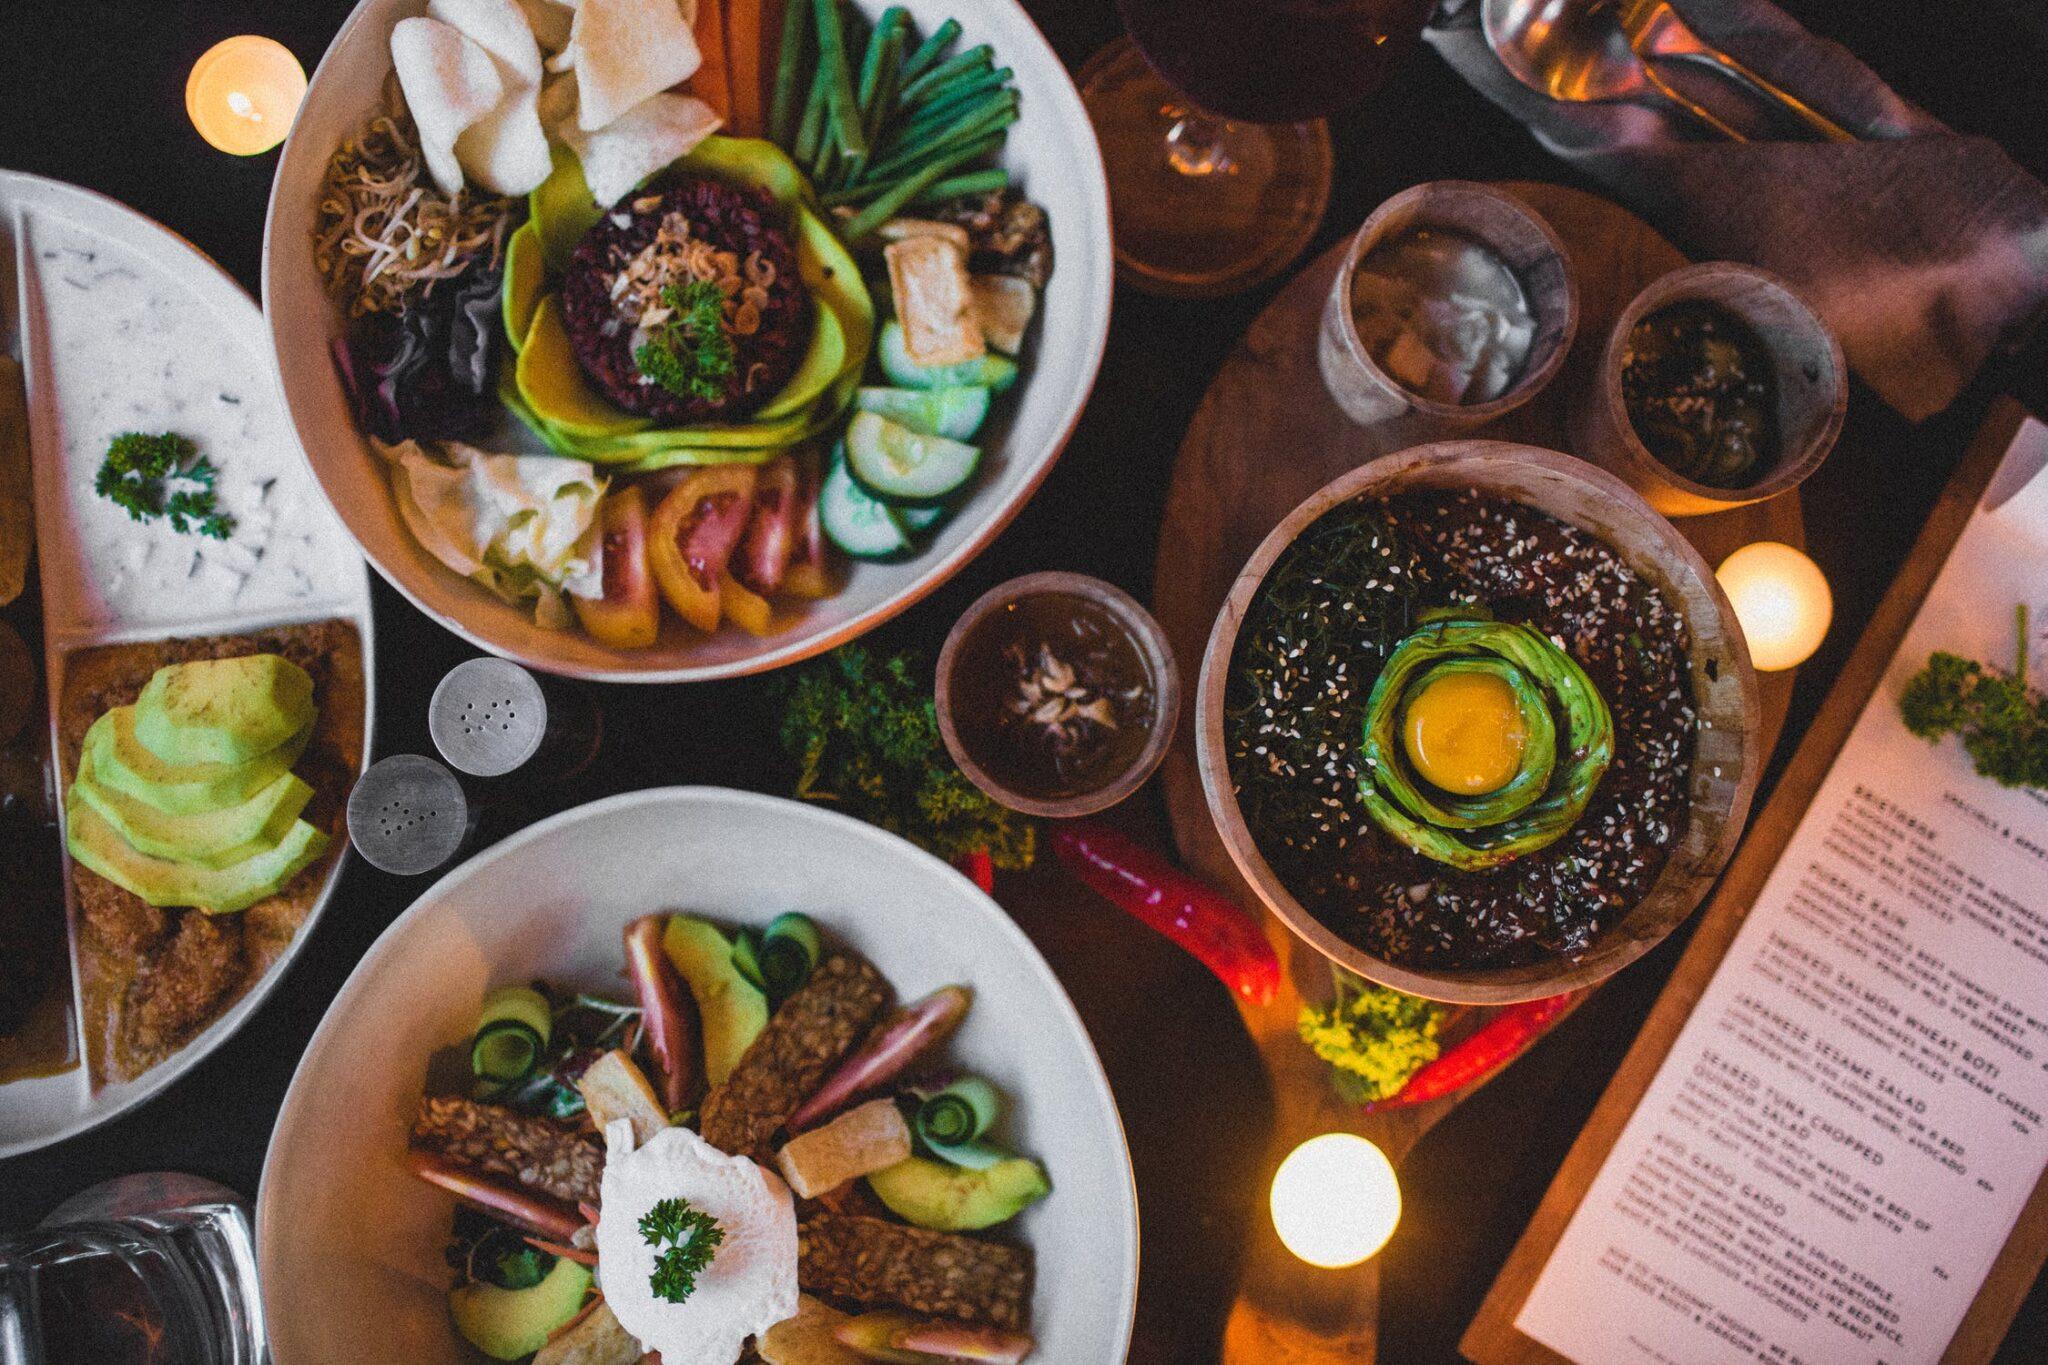 gezond eten bestellen in utrecht